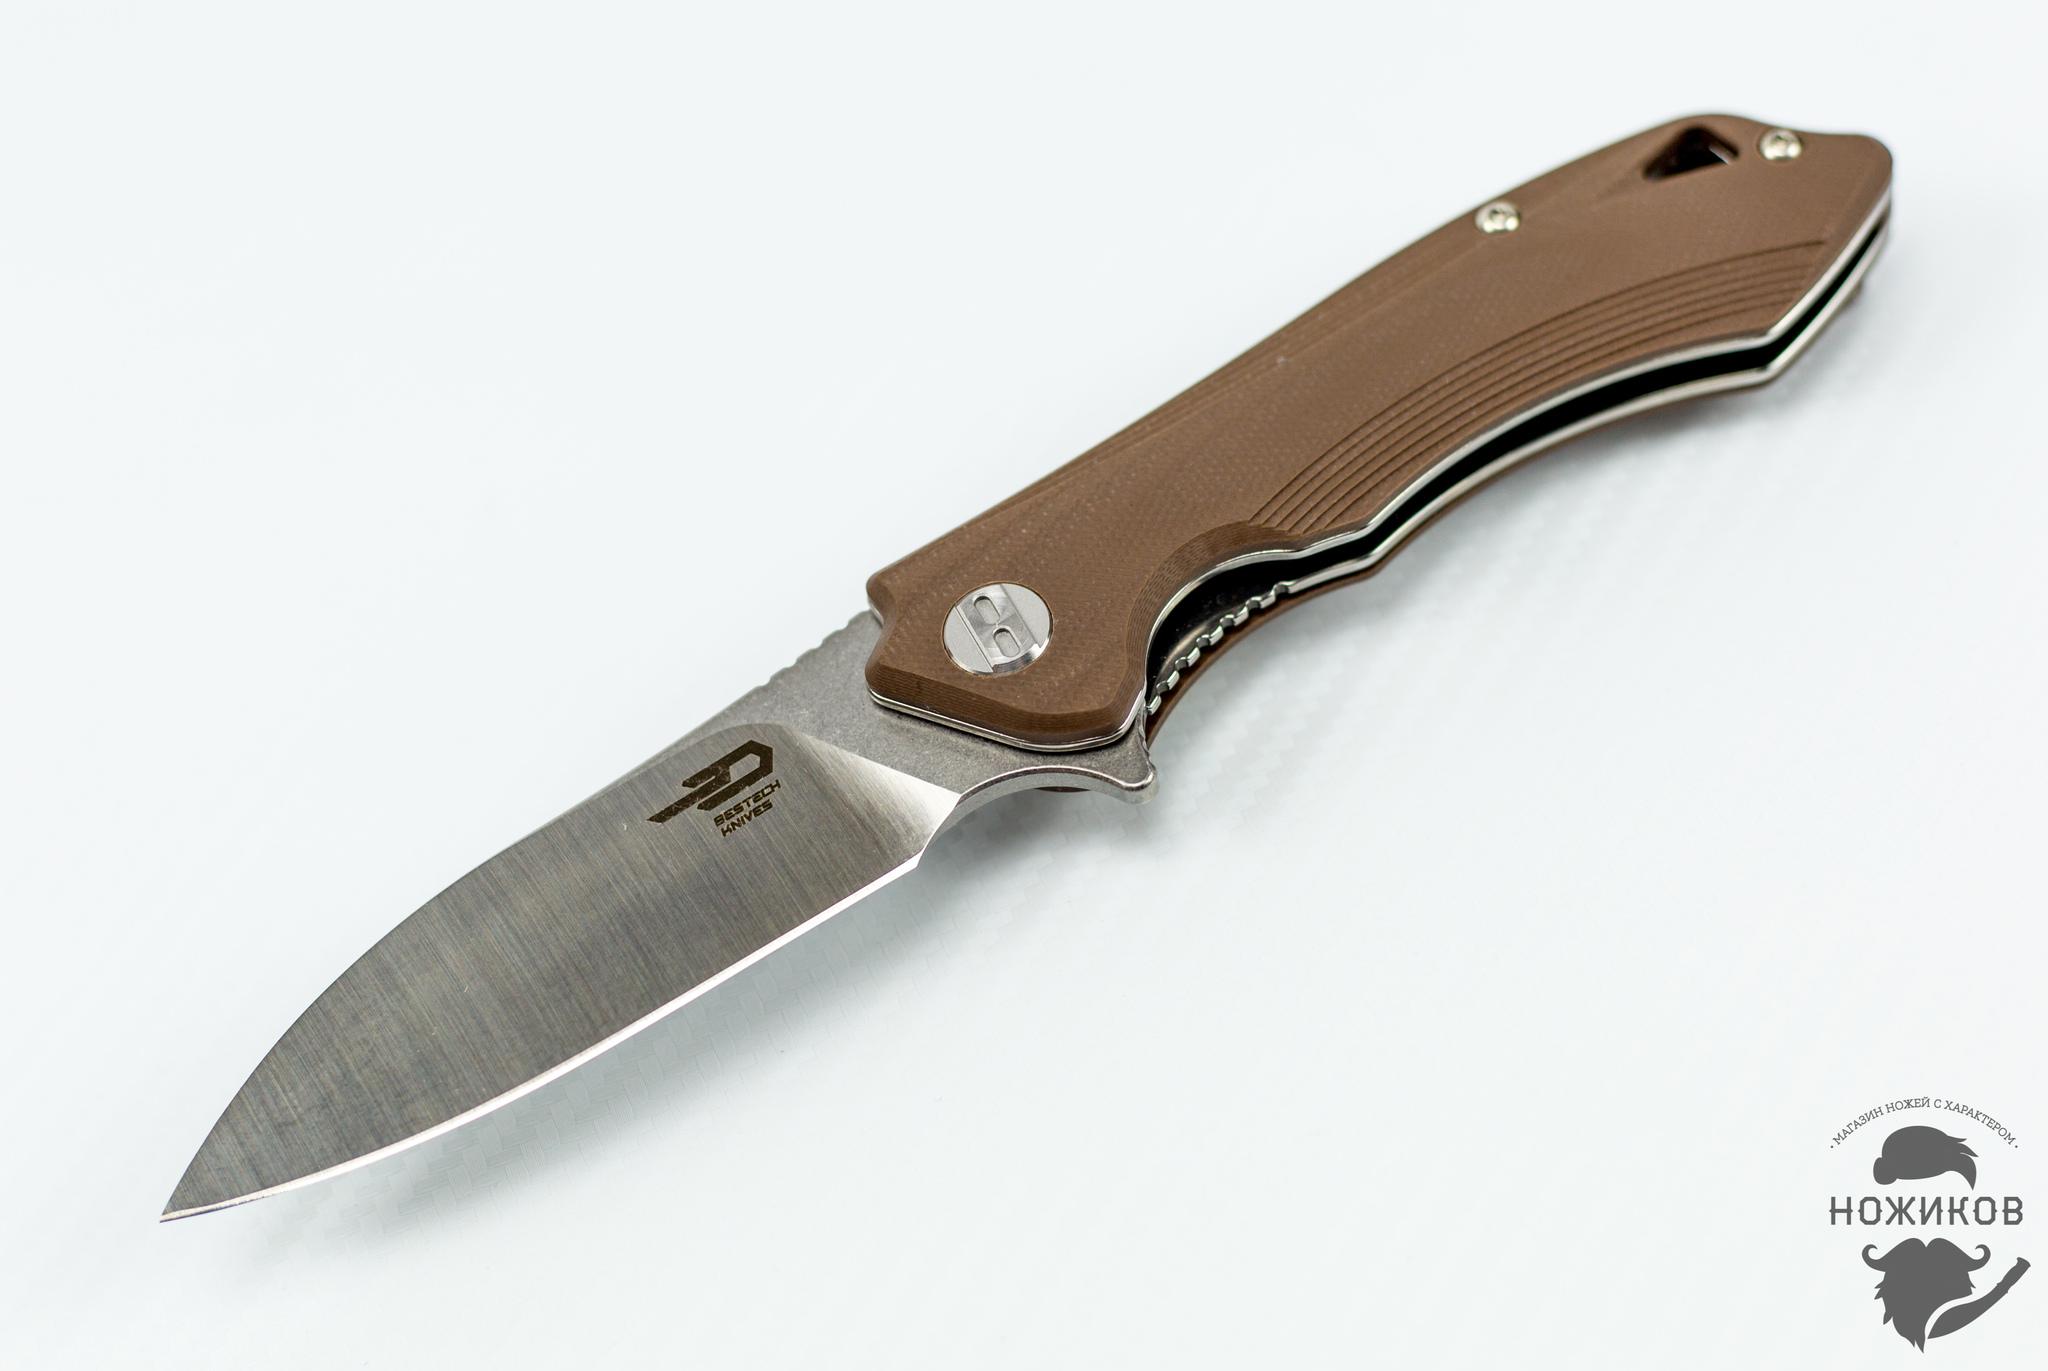 Фото 3 - Складной нож Bestech Beluga BG11C-2, сталь Sandvik 12C27 от Bestech Knives